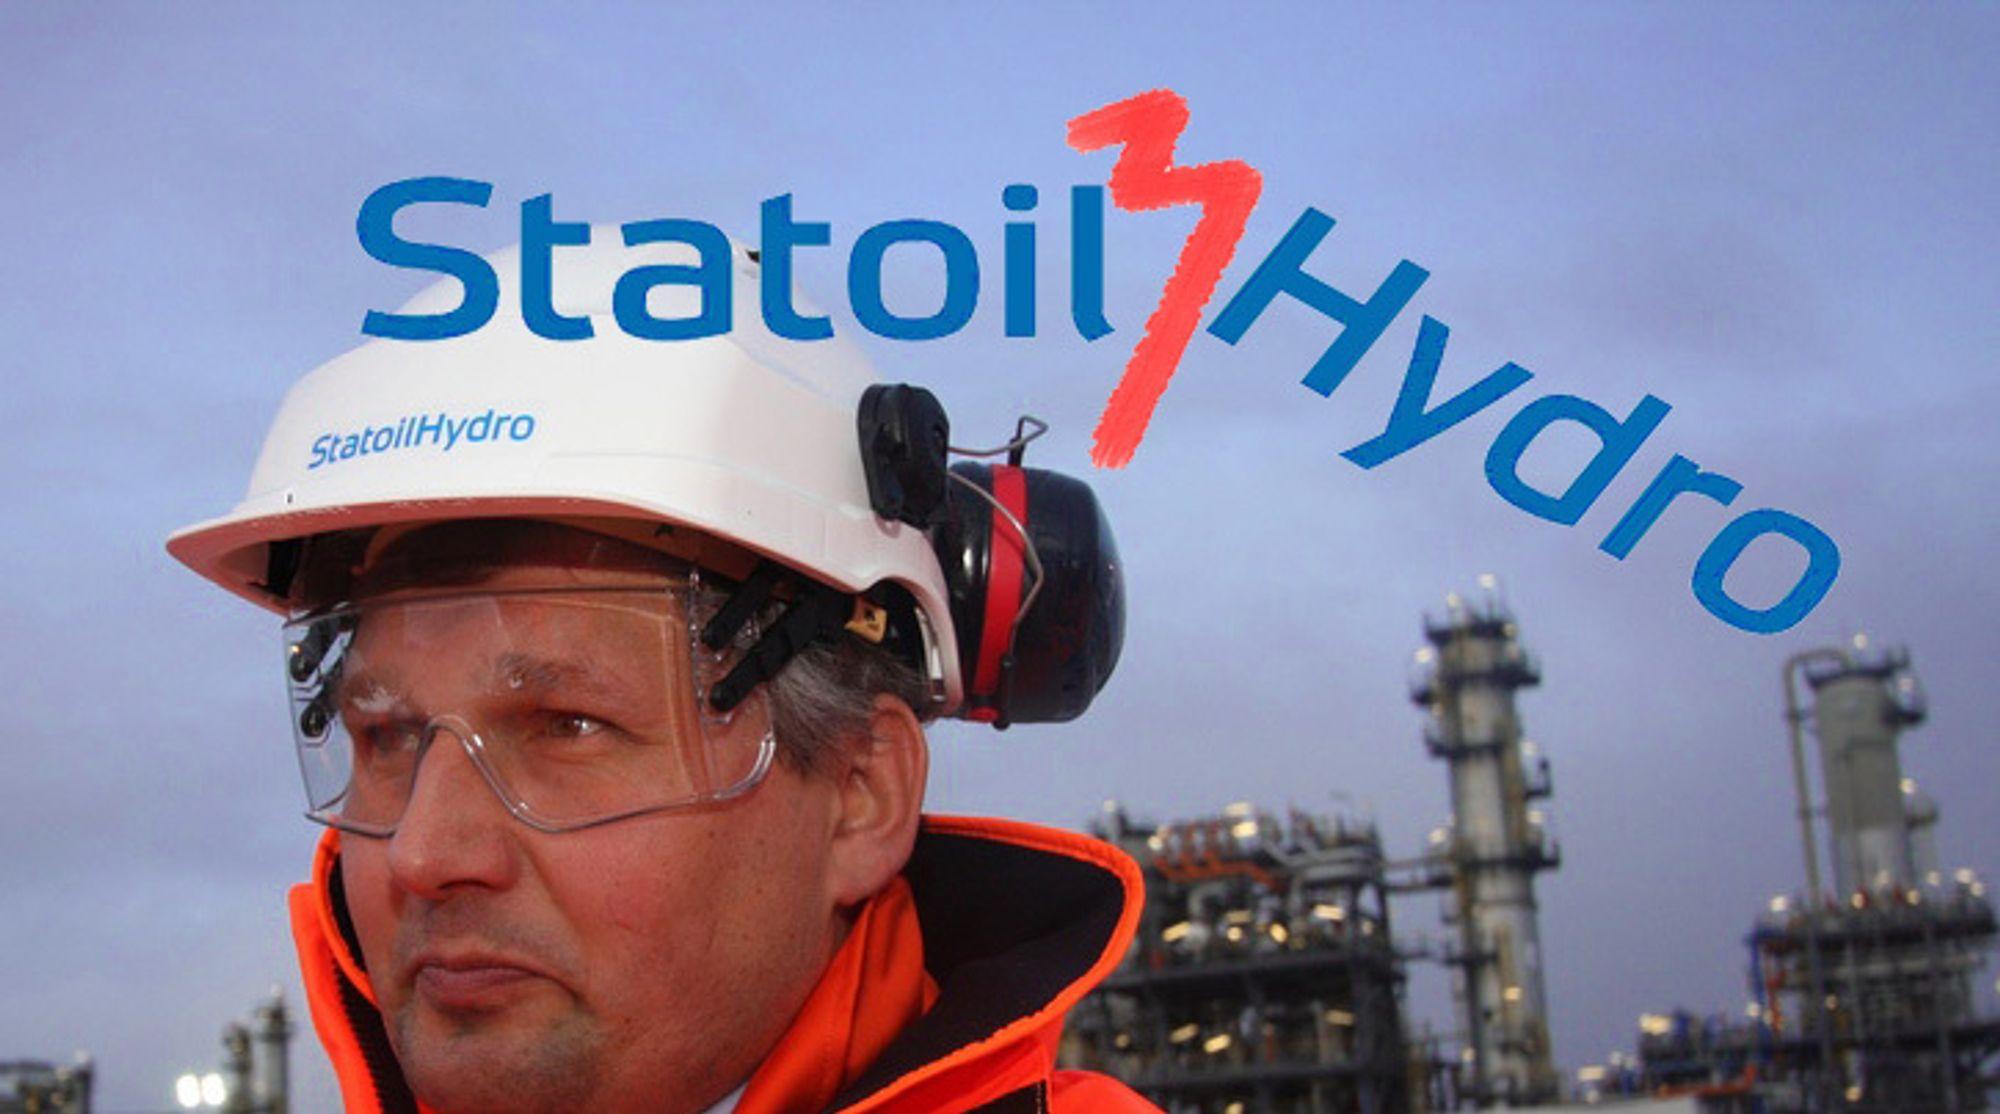 Riis-Johansen vil helst kvitte seg med hele Hydro-navnet.